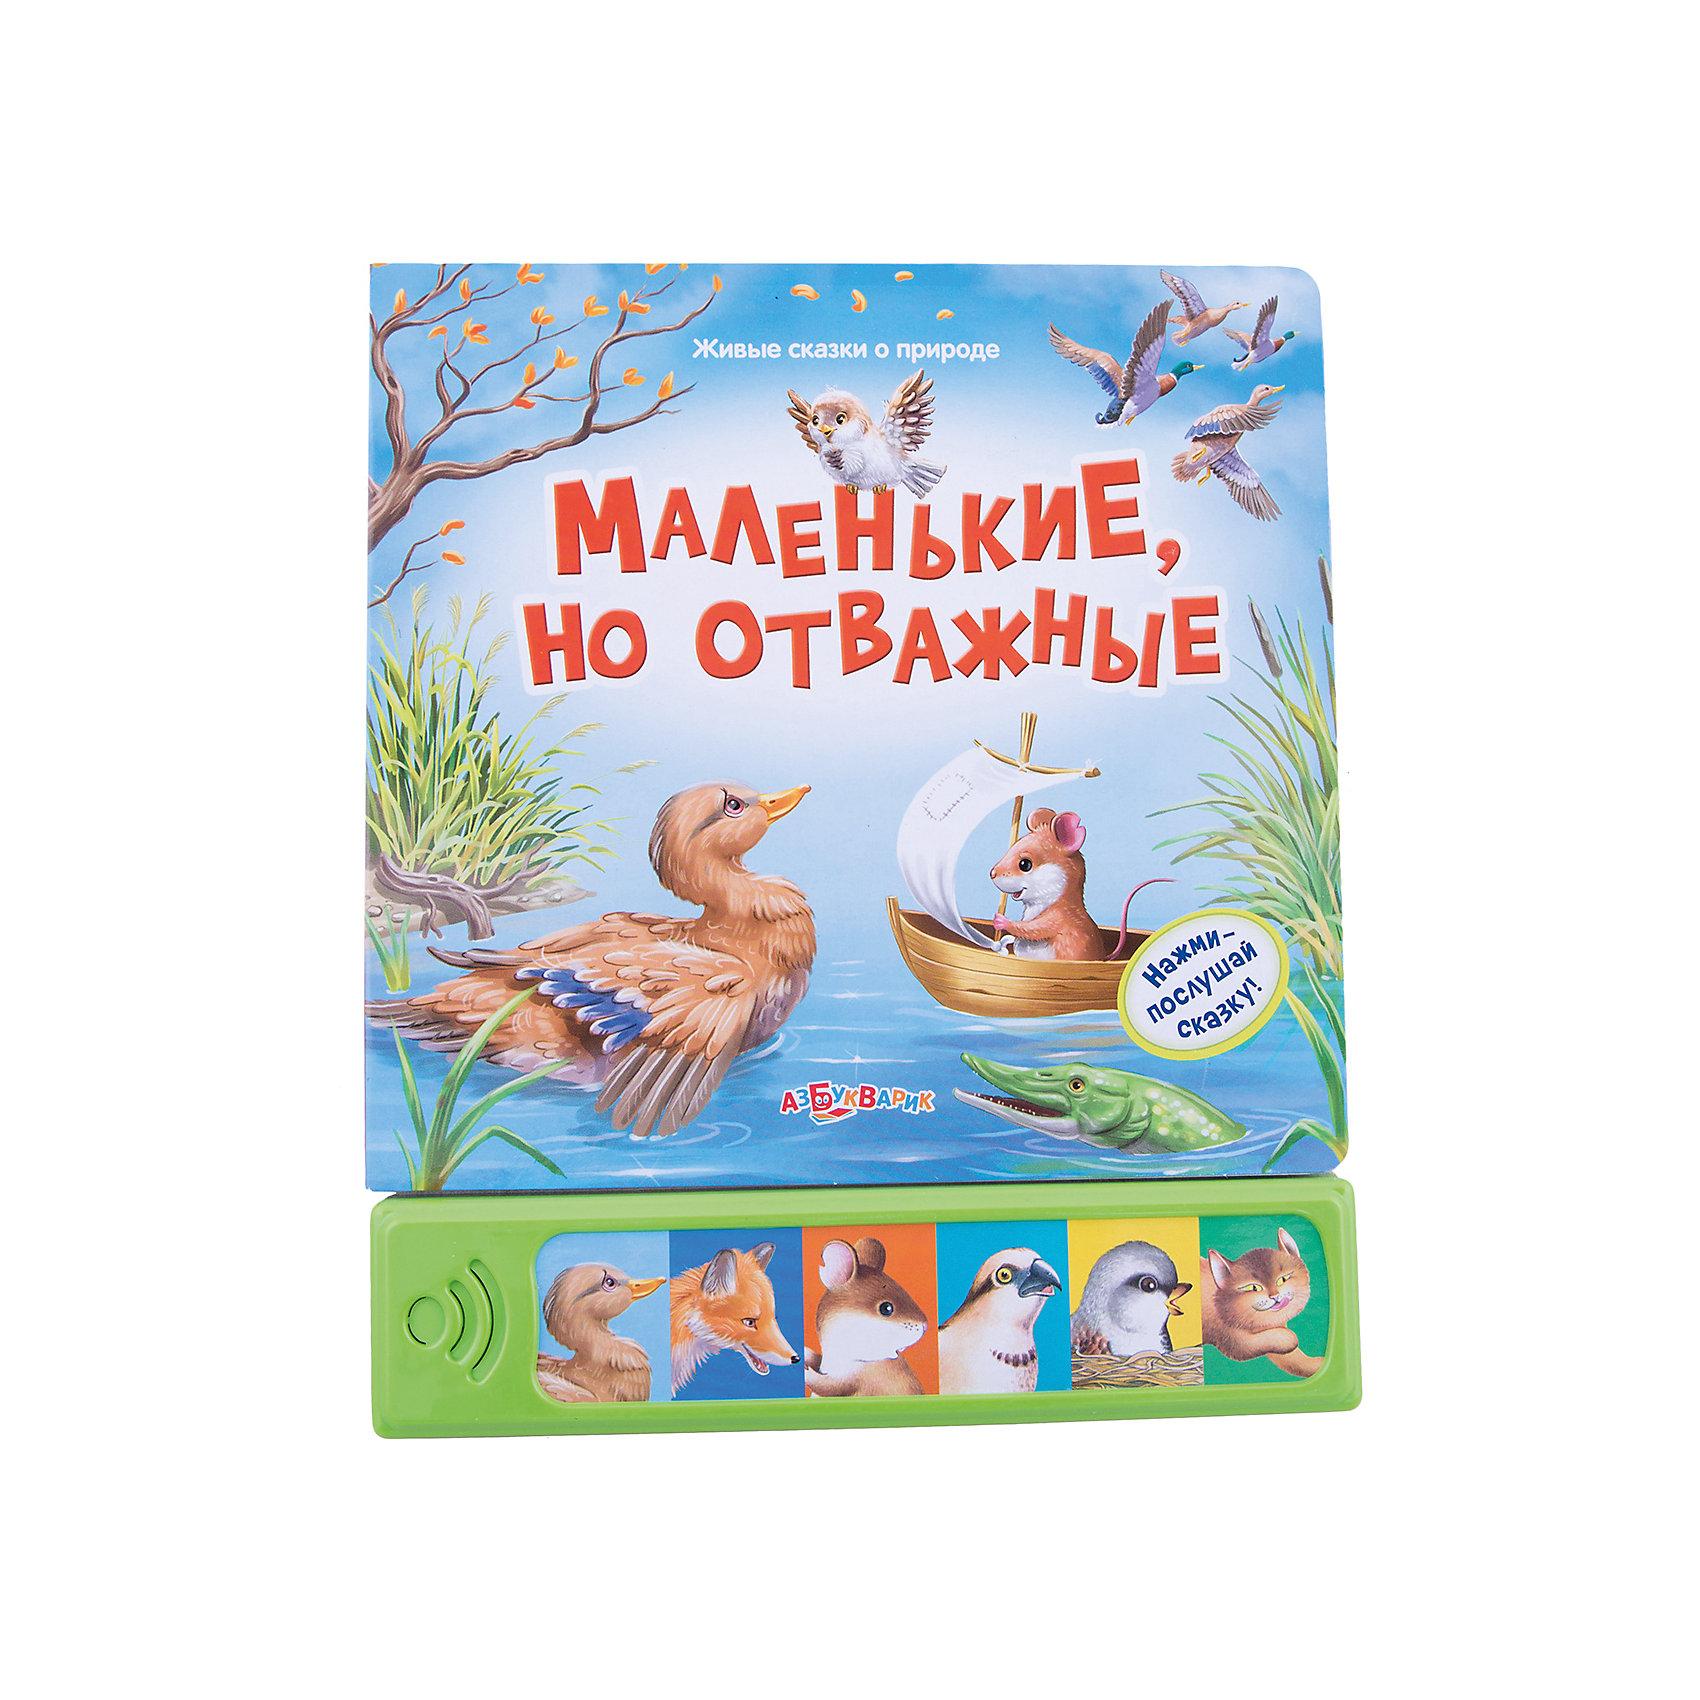 Азбукварик Маленькие, но отважные. Серия Живые сказки о природеМузыкальные книги<br>Открывай страничку за страничкой, рассматривай яркие иллюстрации и слушай увлекательные истории о животных, их удивительные голоса и другие звуки.<br><br> Дополнительная информация:<br><br>-Картонная  книга со звуковым модулем<br>-Формат: 210х252 мм<br>-Количество страниц:  12 карт. стр.<br>-Батарейки:   AG13/LR44 (входят в комплект)<br><br>Книгу Маленькие, но отважные. Серия Живые сказки о природе можно приобрести в нашем интернет магазине<br><br>Ширина мм: 210<br>Глубина мм: 252<br>Высота мм: 20<br>Вес г: 433<br>Возраст от месяцев: 24<br>Возраст до месяцев: 60<br>Пол: Унисекс<br>Возраст: Детский<br>SKU: 2450929